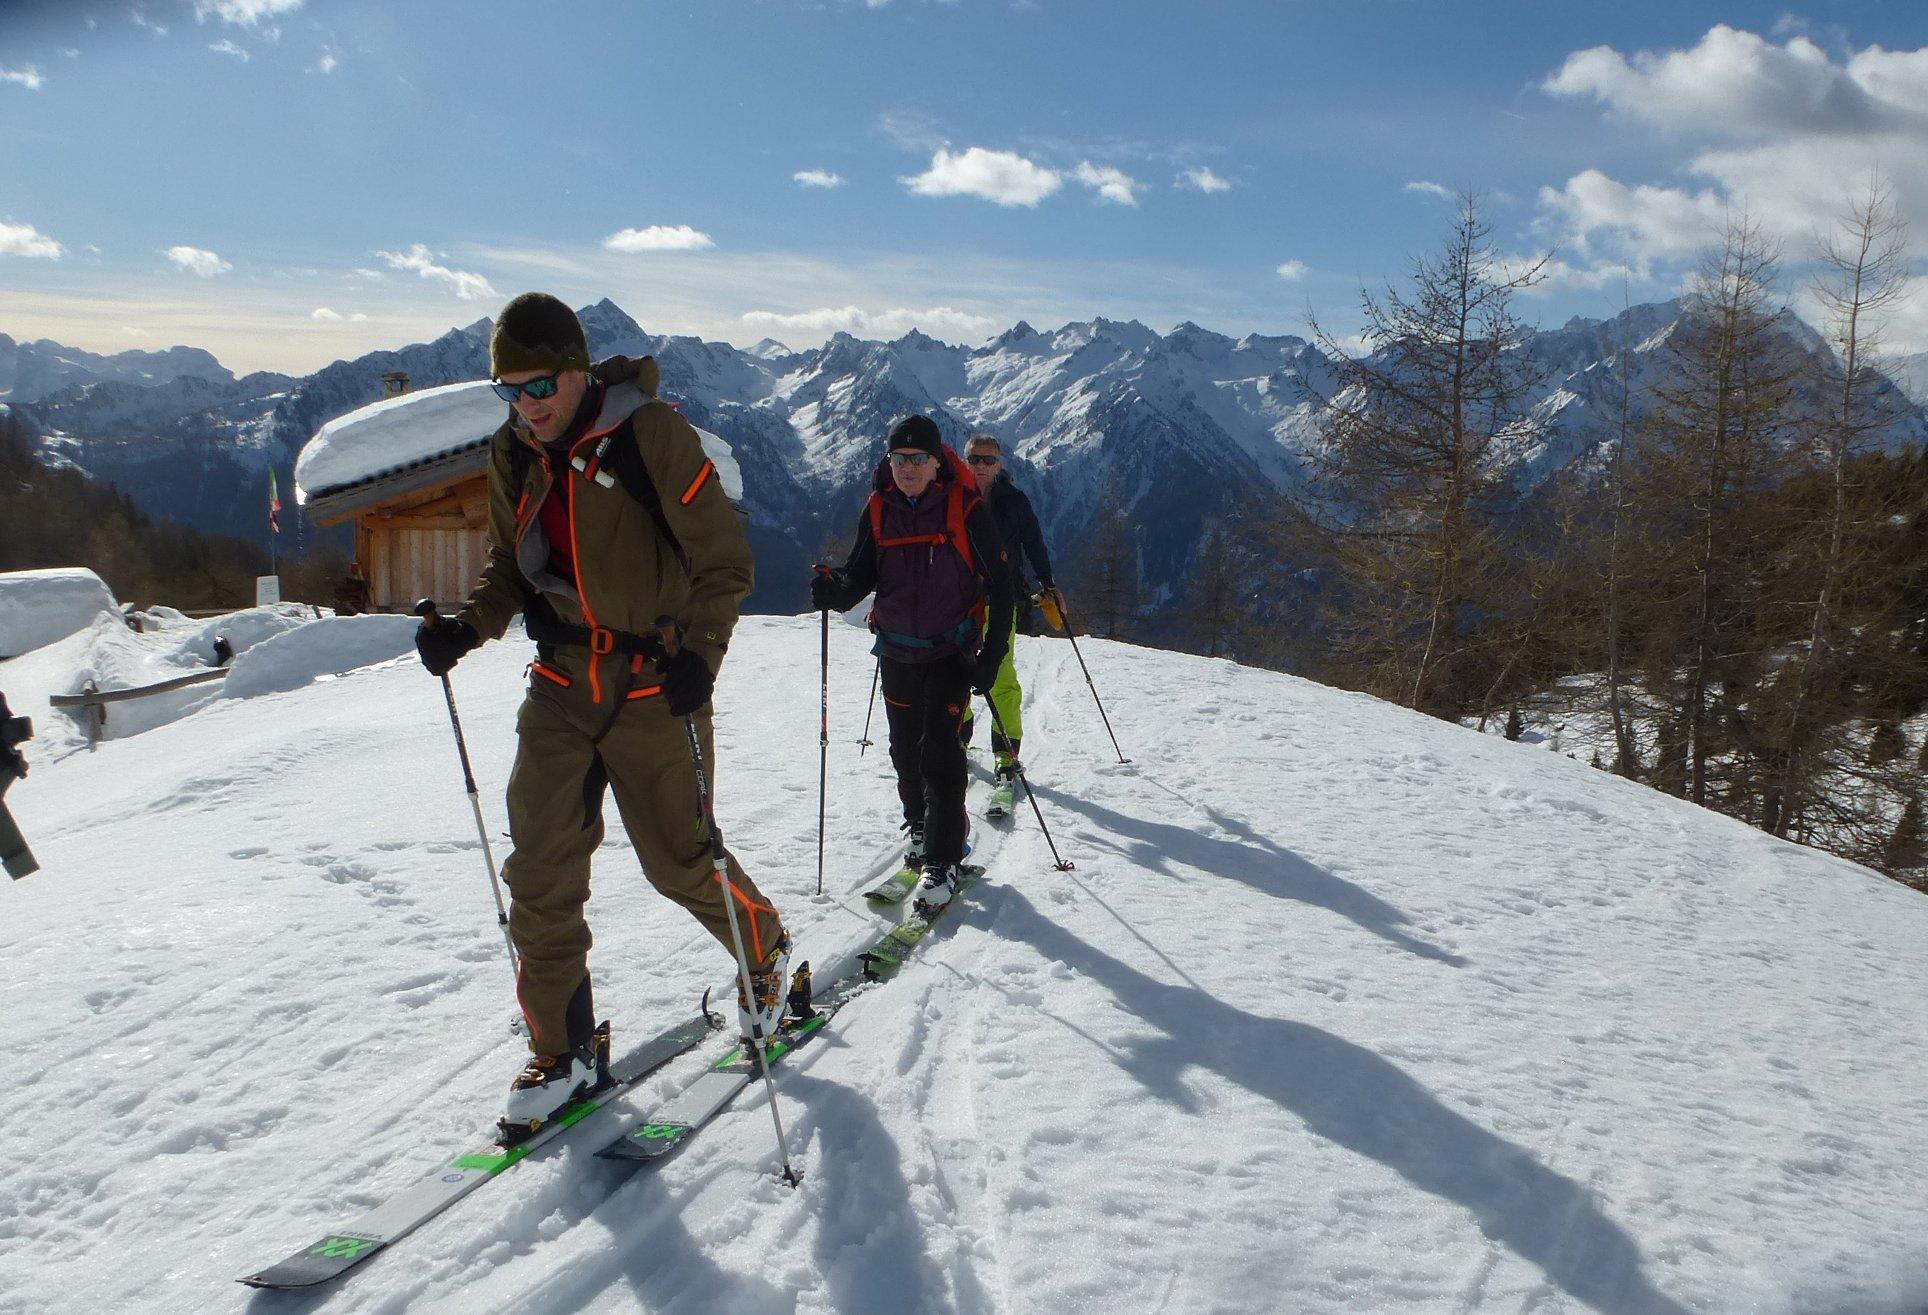 Ski alp in Trentino